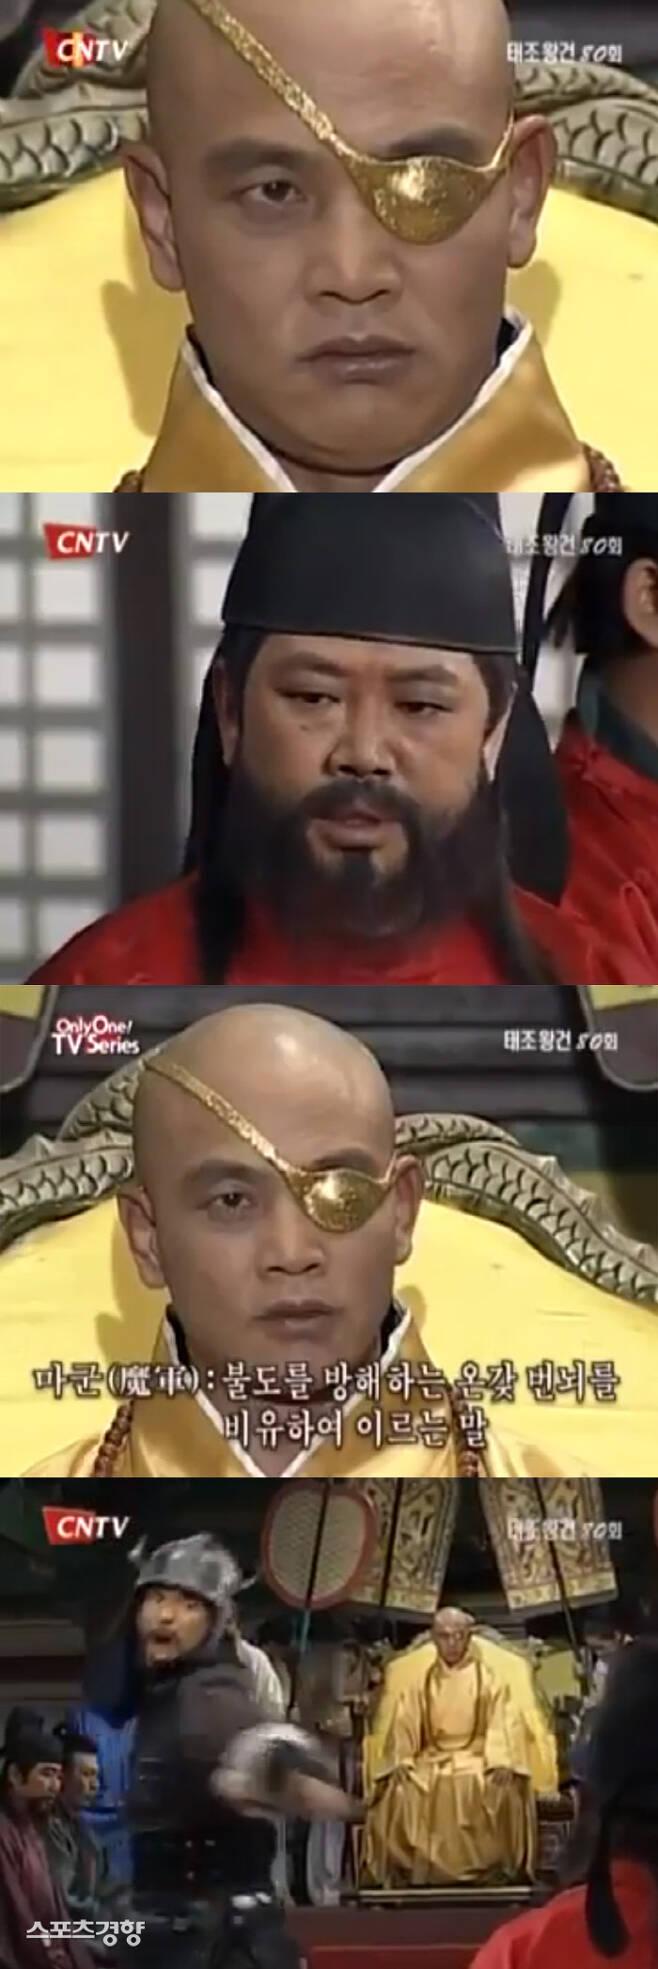 신종 코로나바이러스 감염증에 대한 공포가 확산되면서 KBS2 드라마 '태조 왕건'의 궁예가 재조명되고 있다. KBS2 방송 화면